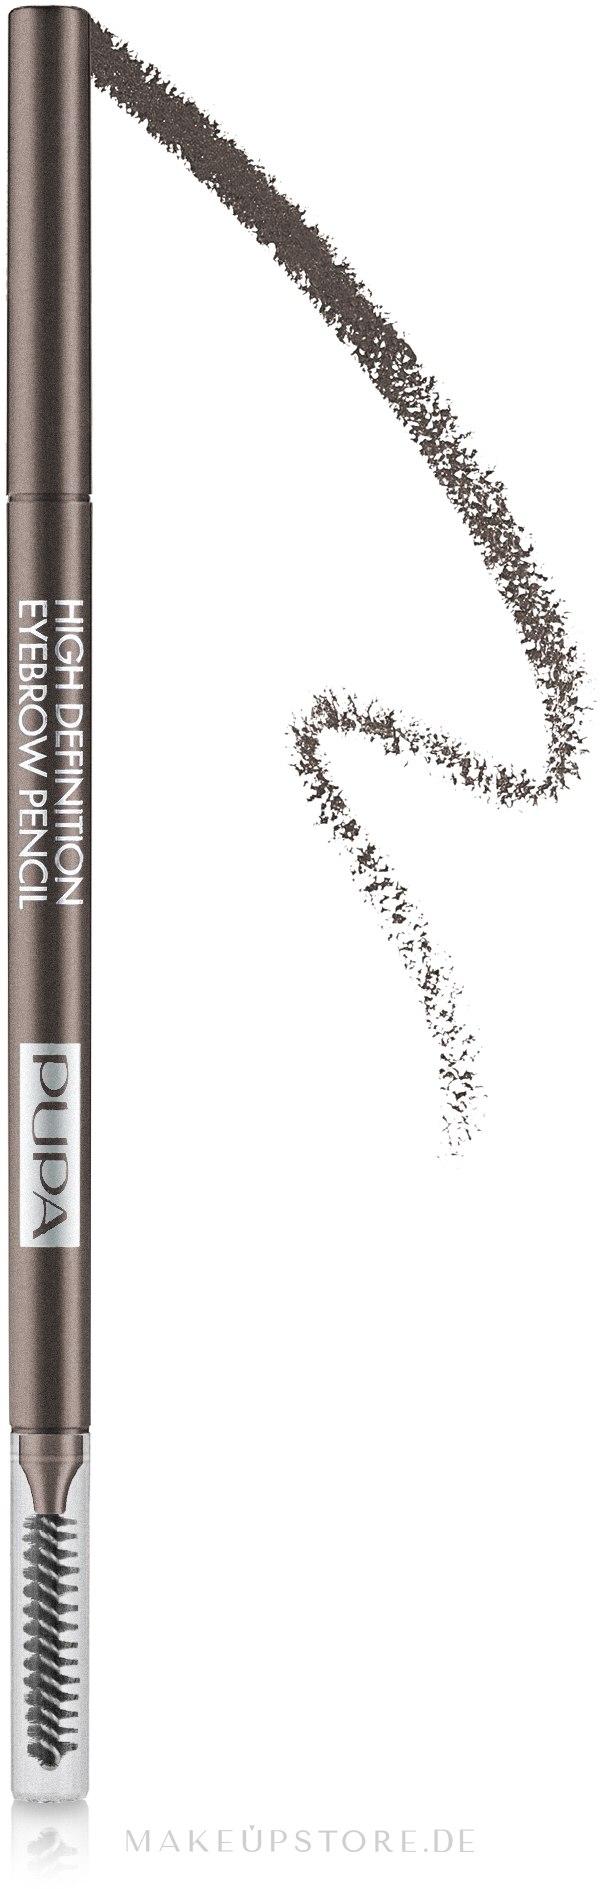 Augenbrauenstift - Pupa High Definition Eyebrow Pencil — Bild 002